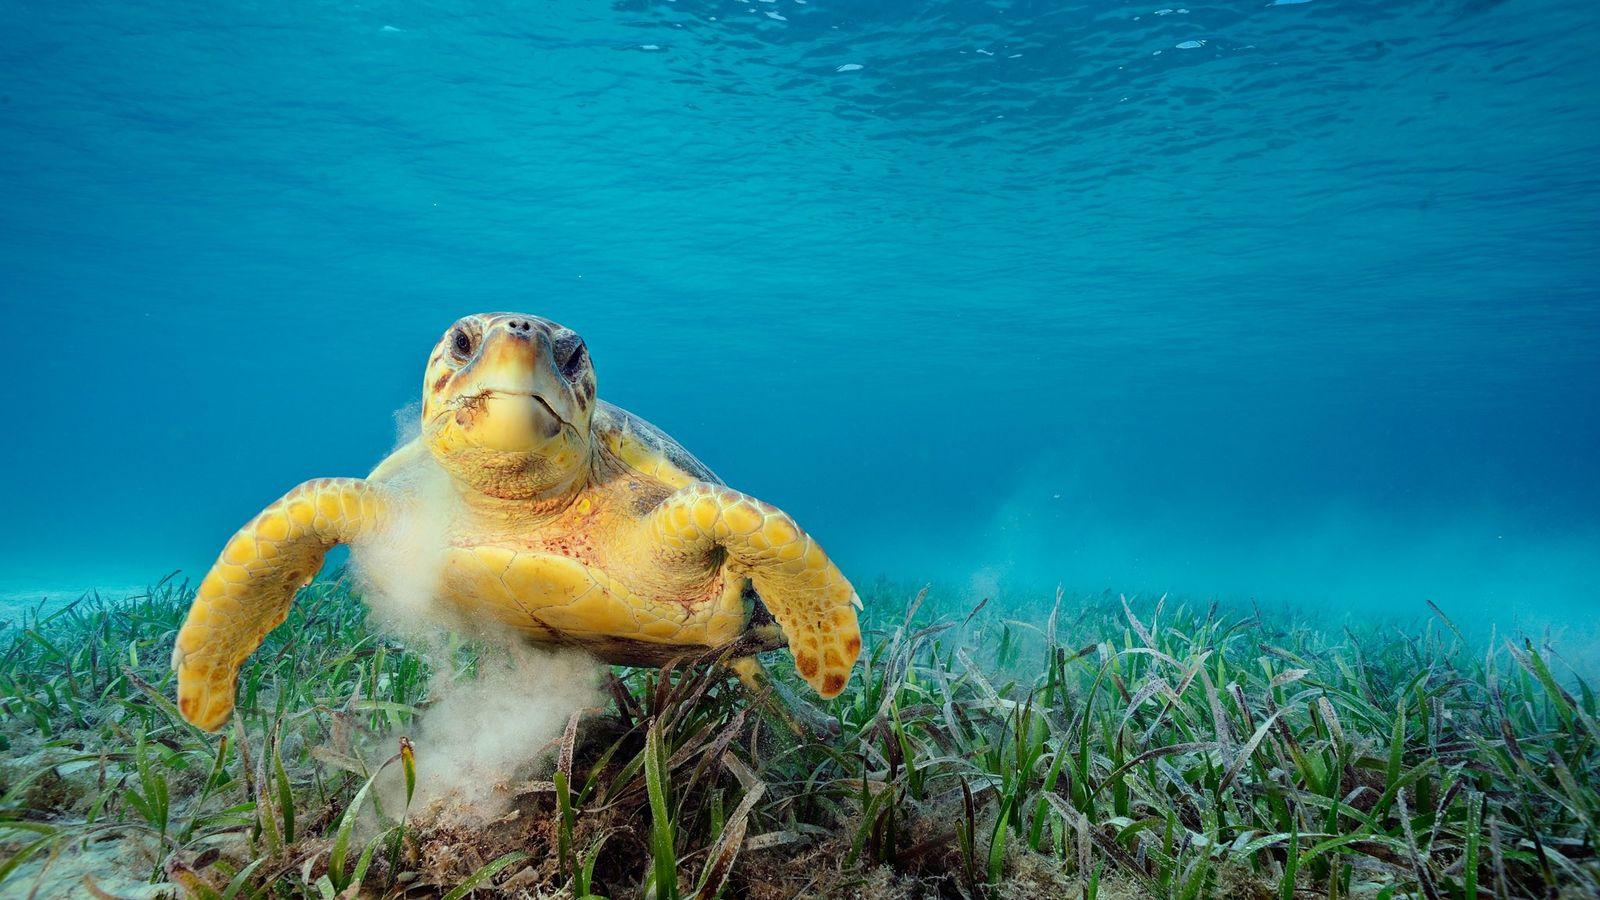 Une caouanne (Caretta caretta) se nourrit d'herbe. En explorant les fonds marins, cet animal peut emporter ...